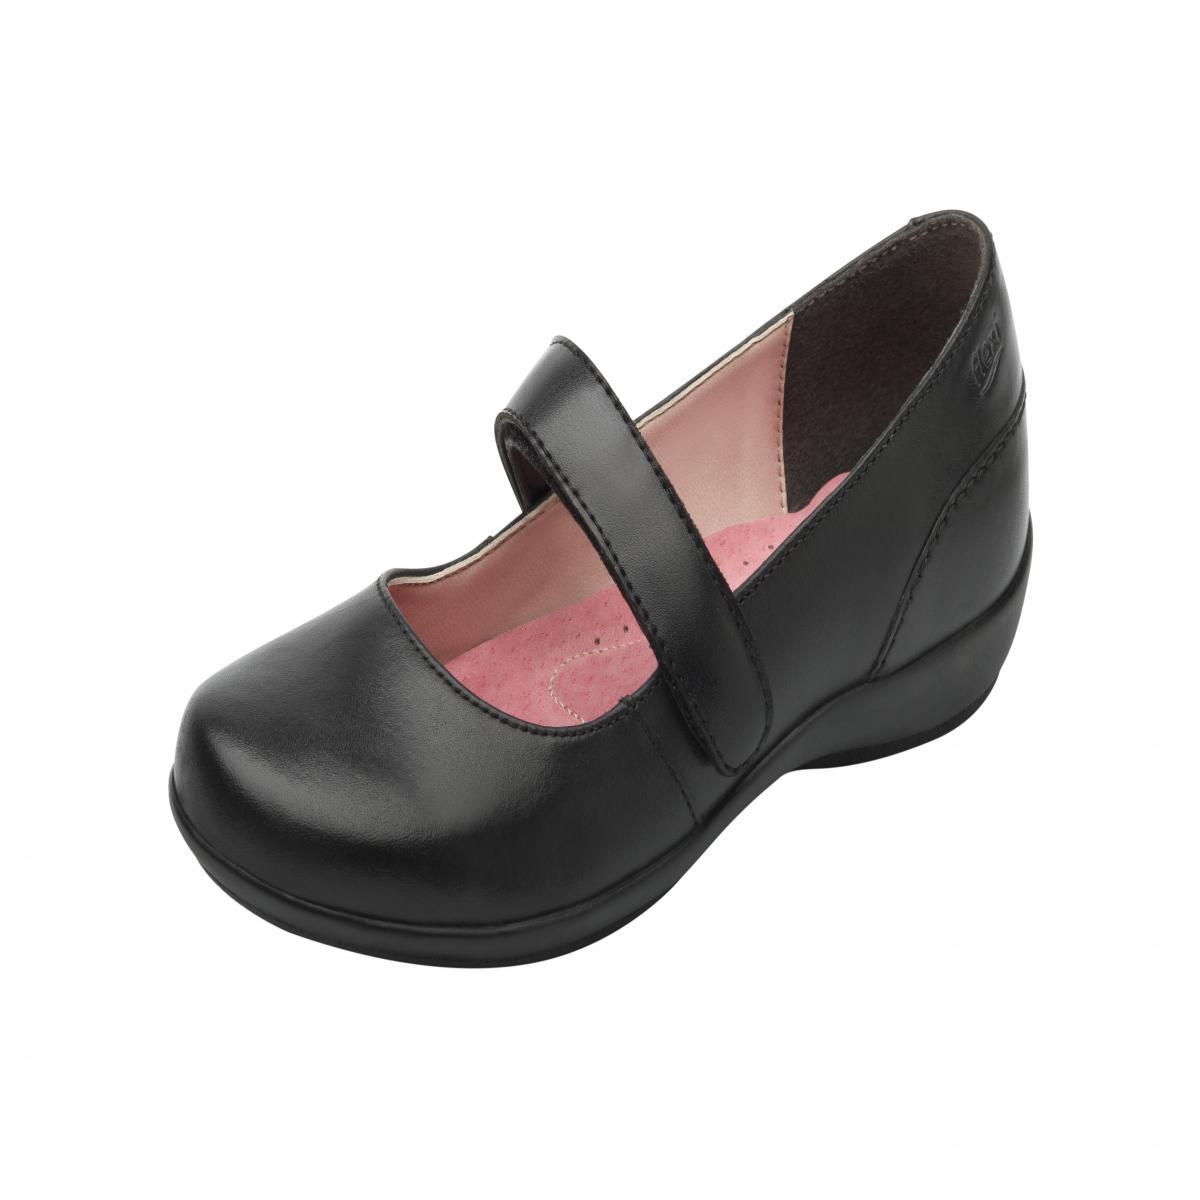 6c4ba48bdf Zapato marca Flexi modelo 25227 Color Negro